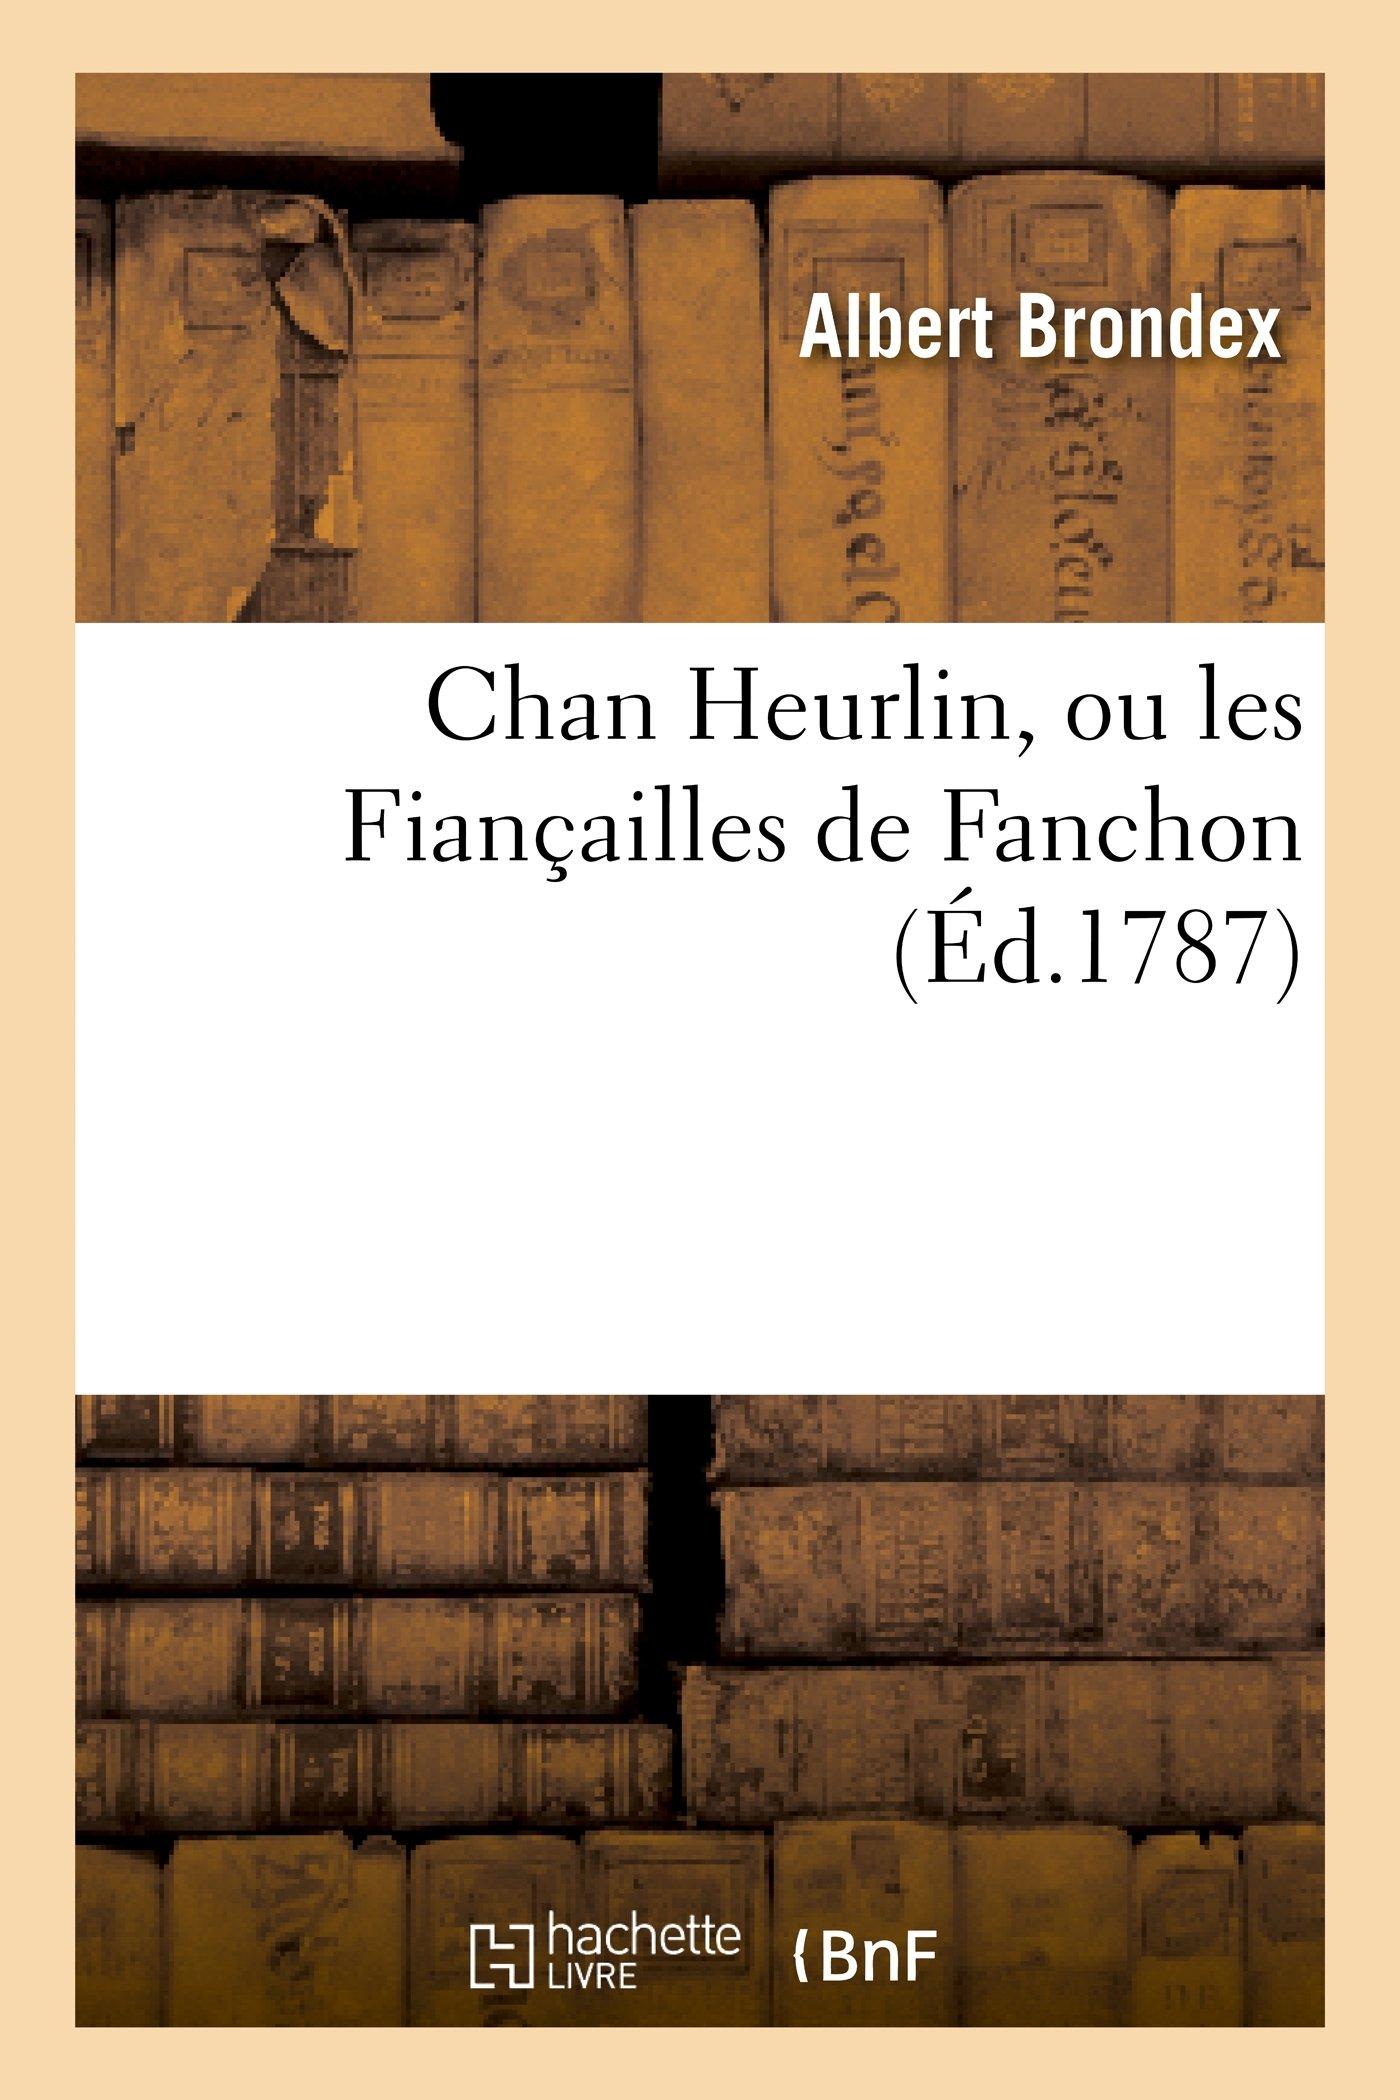 Chan Heurlin Ou Les Fiançailles De Fanchon Poeme Patois